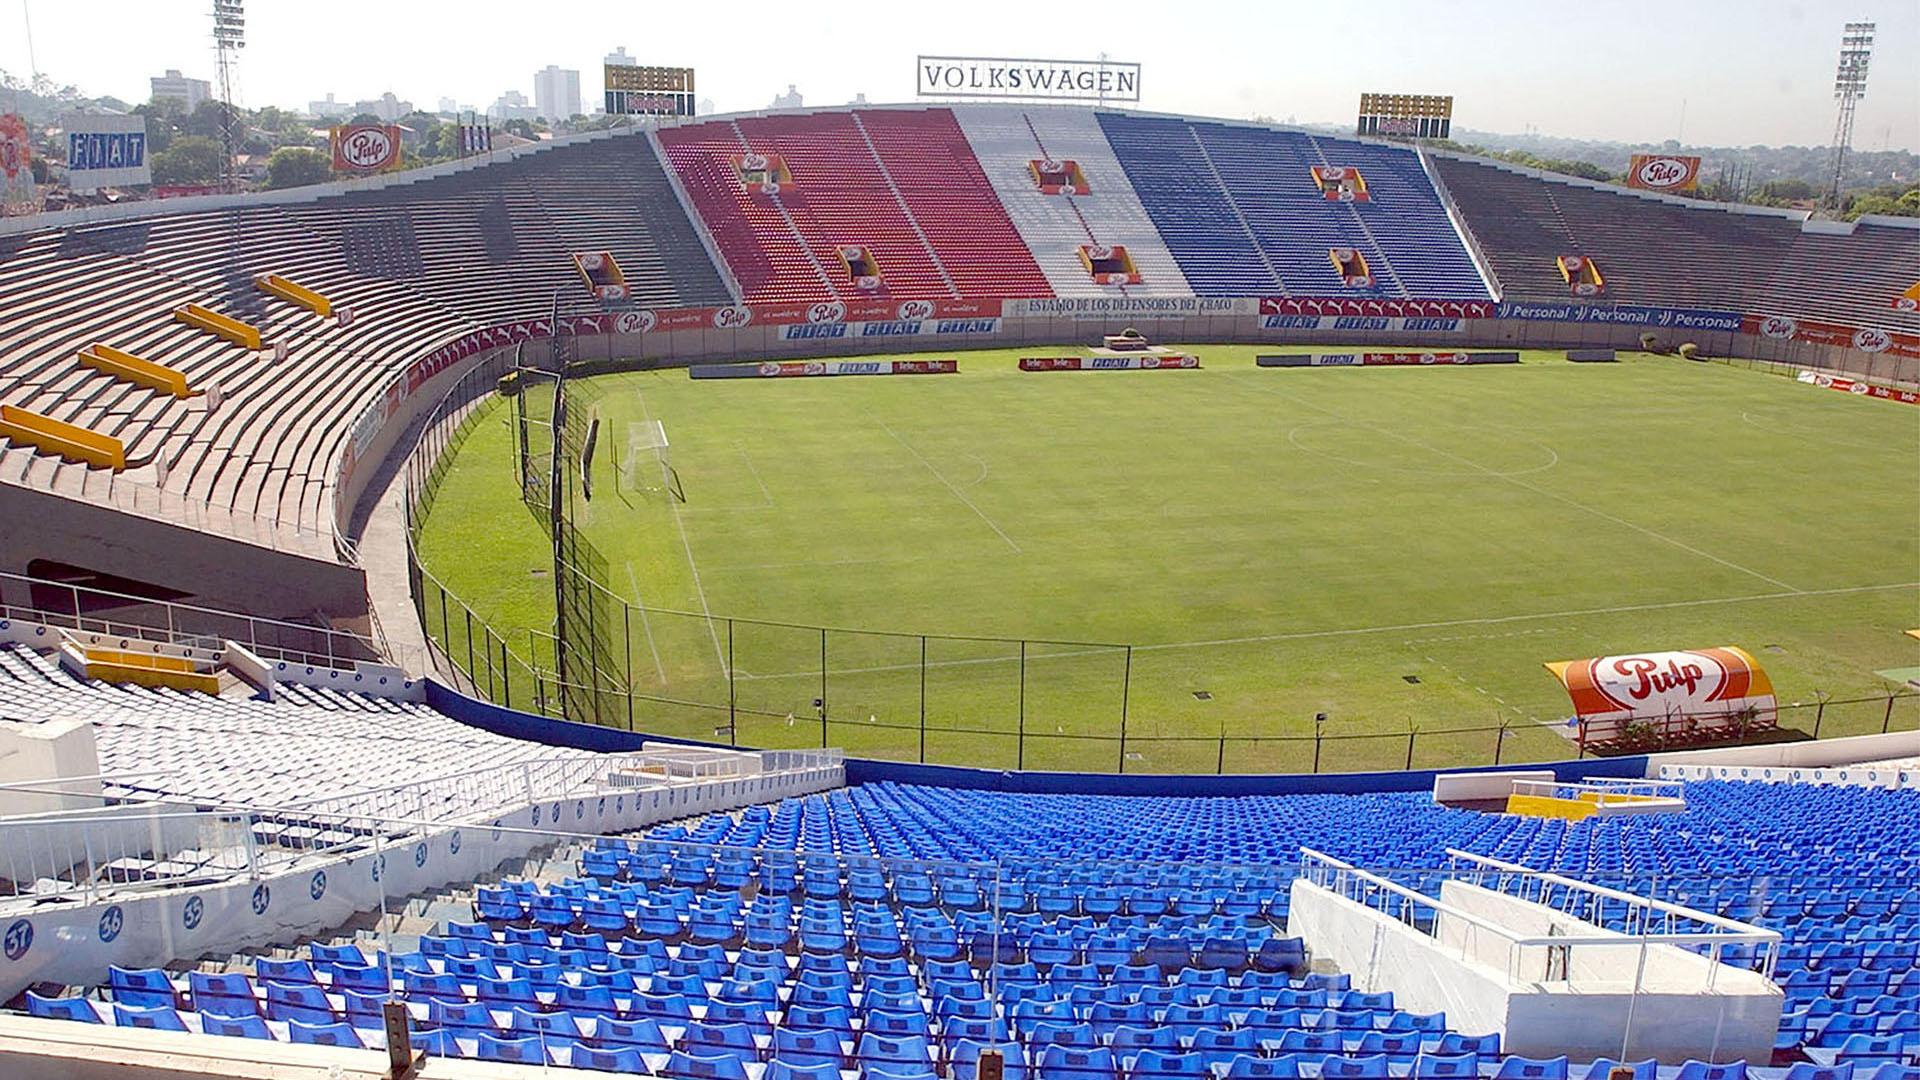 PUESTO 2 - 350 PARTIDOS / Estadio Defensores del Chaco, Paraguay (Daniel Duarte)